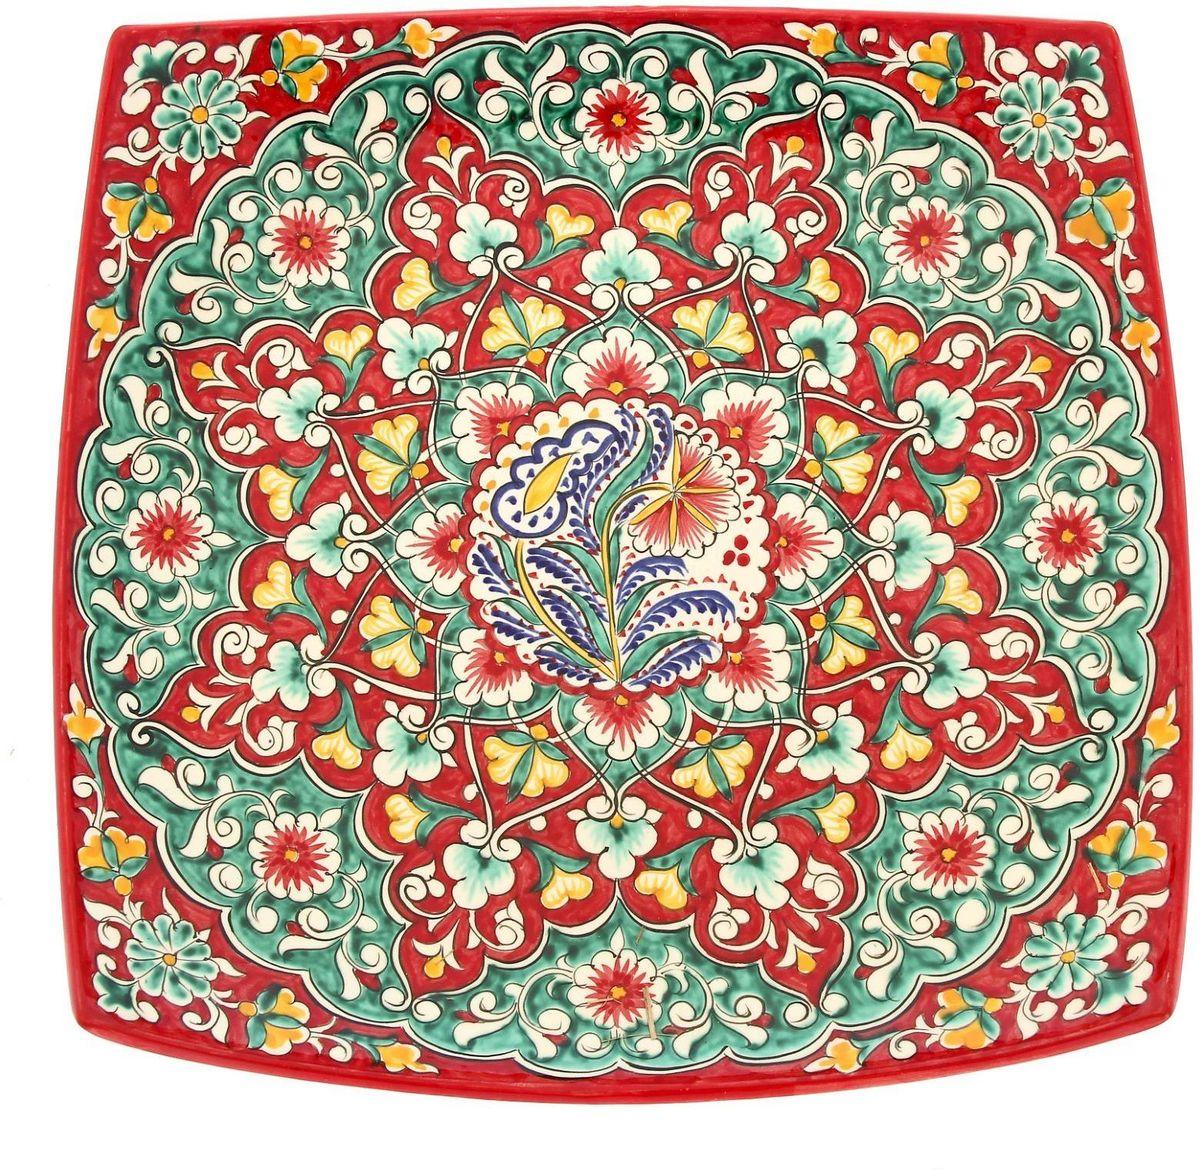 Ляган Риштанская керамика, диаметр 41 см. 19242521924252Ляган — это не просто обеденный атрибут, это украшение стола. Посуда с национальной росписью станет отменным подарком для ценителей высокородной посуды.Риштан — город на востоке Узбекистана, один из древнейших в Ферганской долине. С давних времён Риштан славится своим гончарным искусством изготовления цветной керамики. Красноватую глину для изделия добывают в самом городе. Мастера утверждают, что их глина настолько высокого качества, что даже не нуждается в предварительной обработке. Дополните коллекцию кухонных аксессуаров пряными восточными нотами.